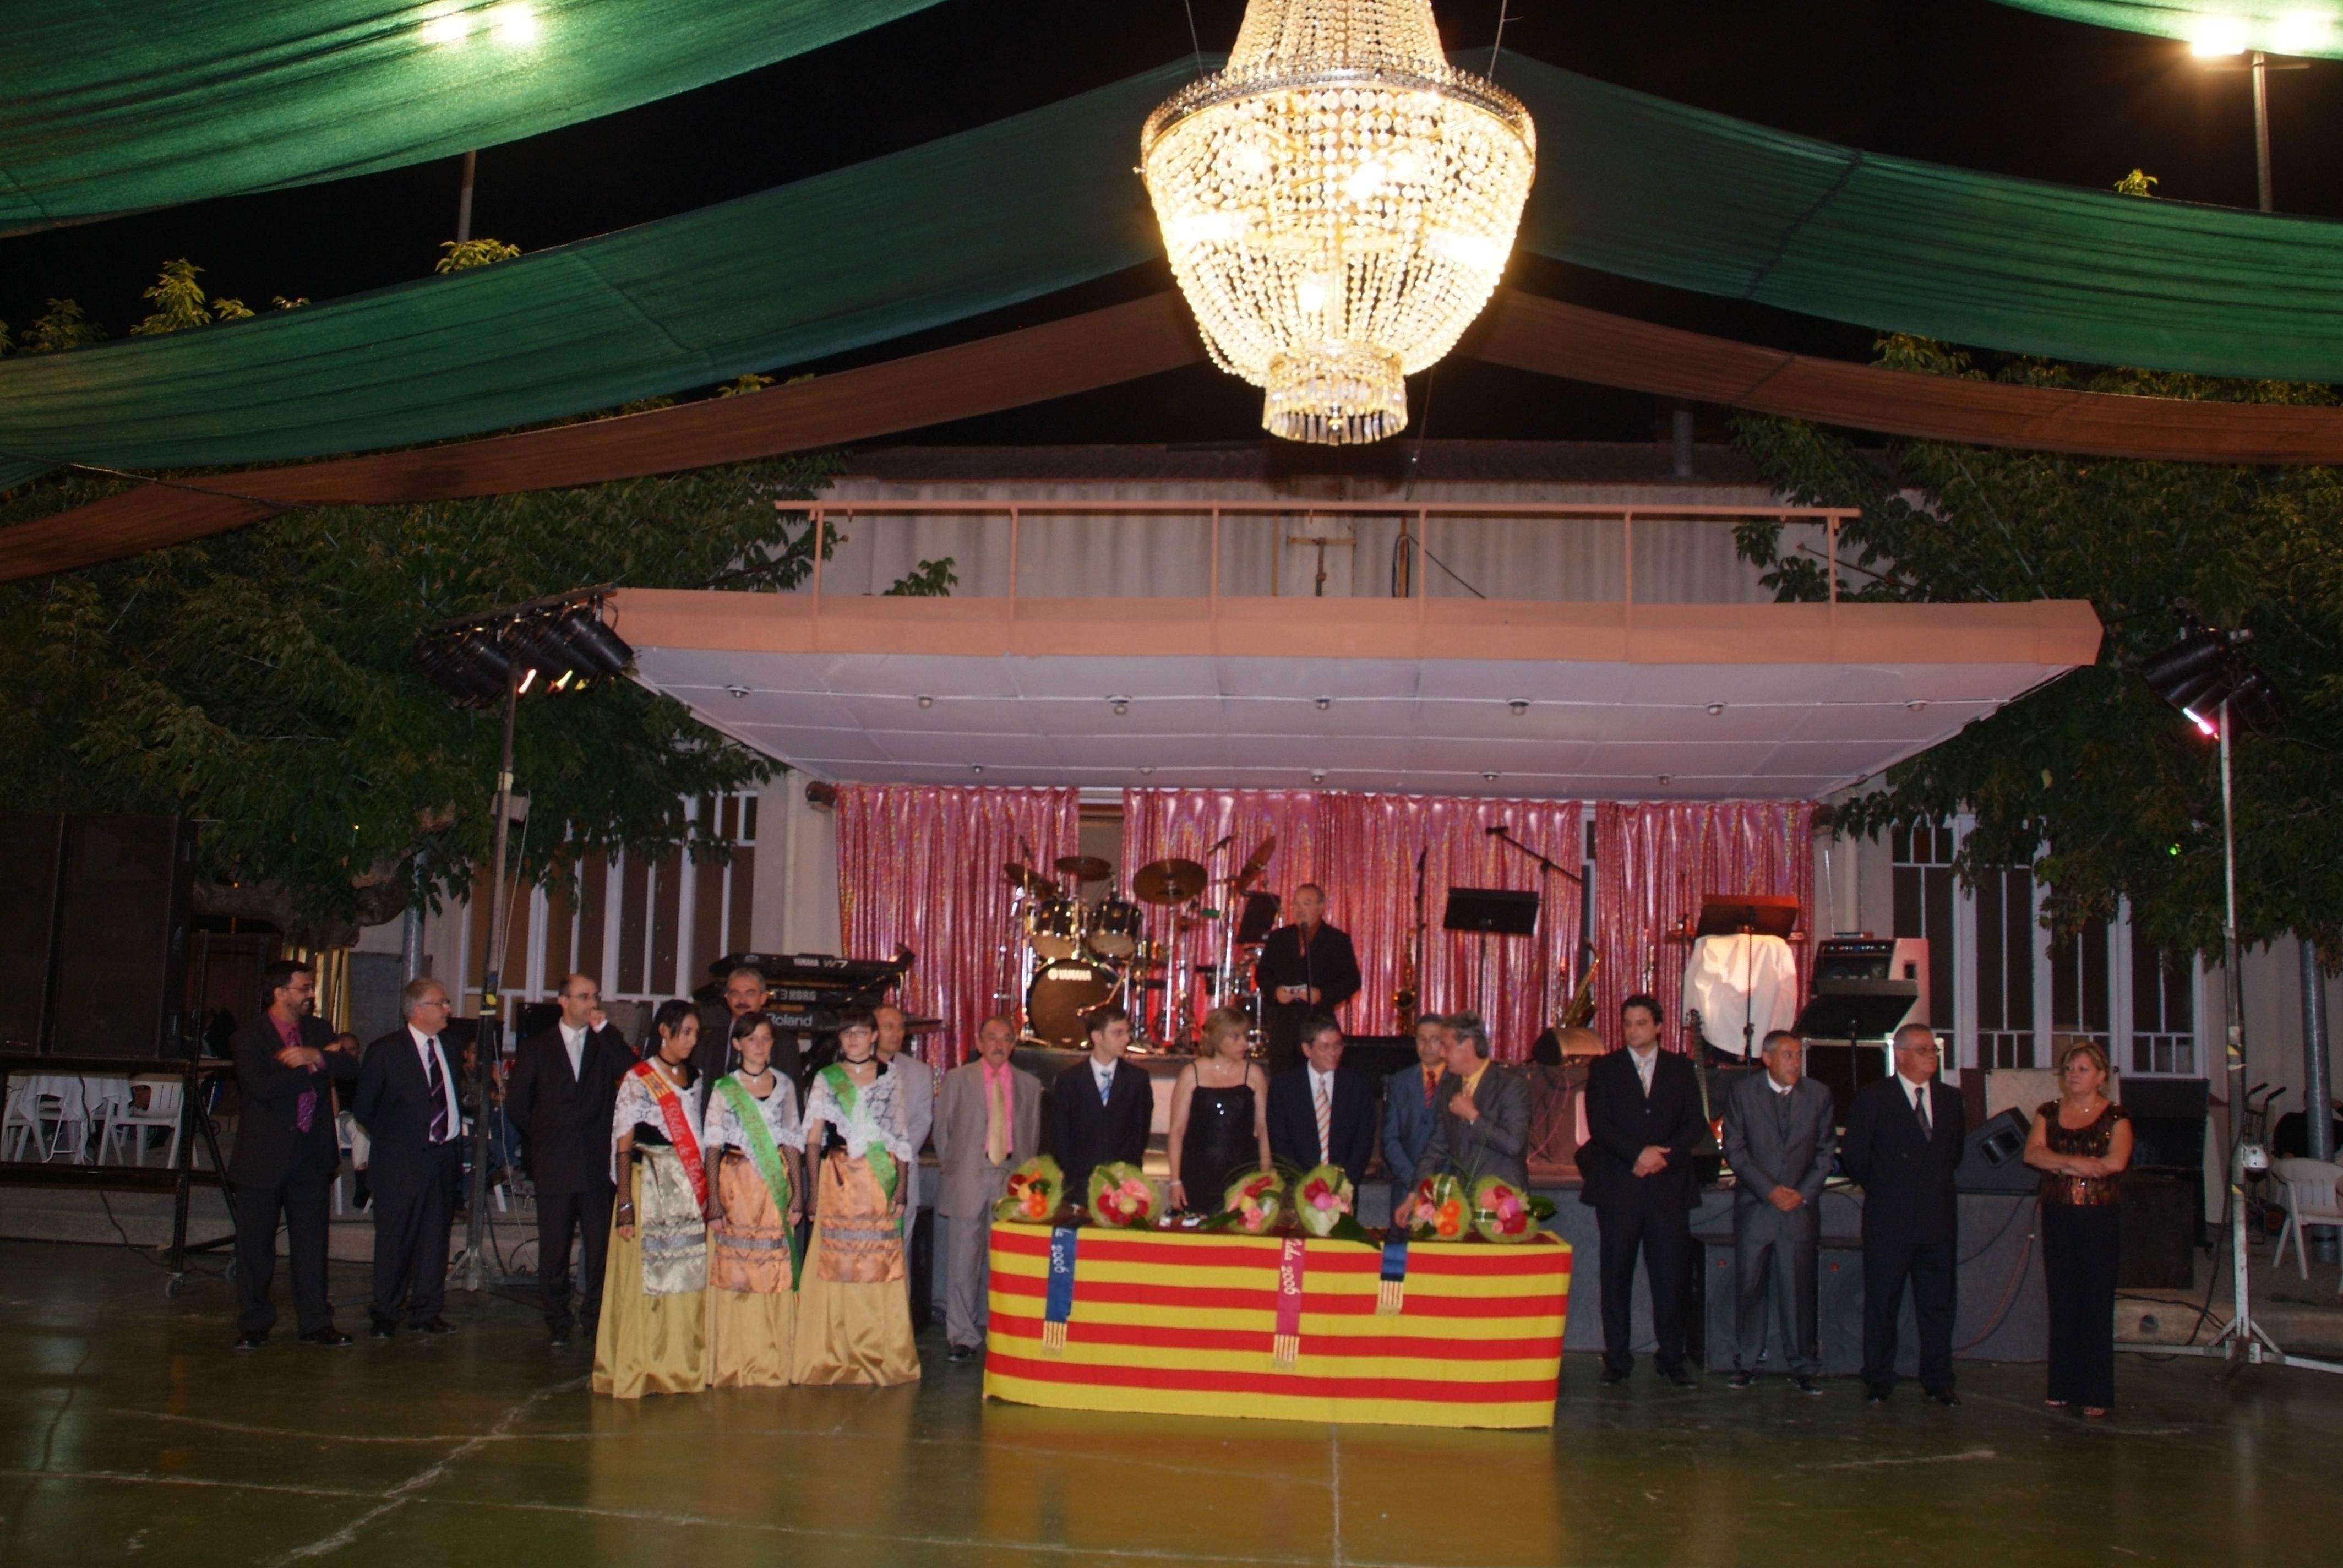 Ajuntament de Gelida: 08-22 Ball de Gala. Fot: Foto Buch, 2006